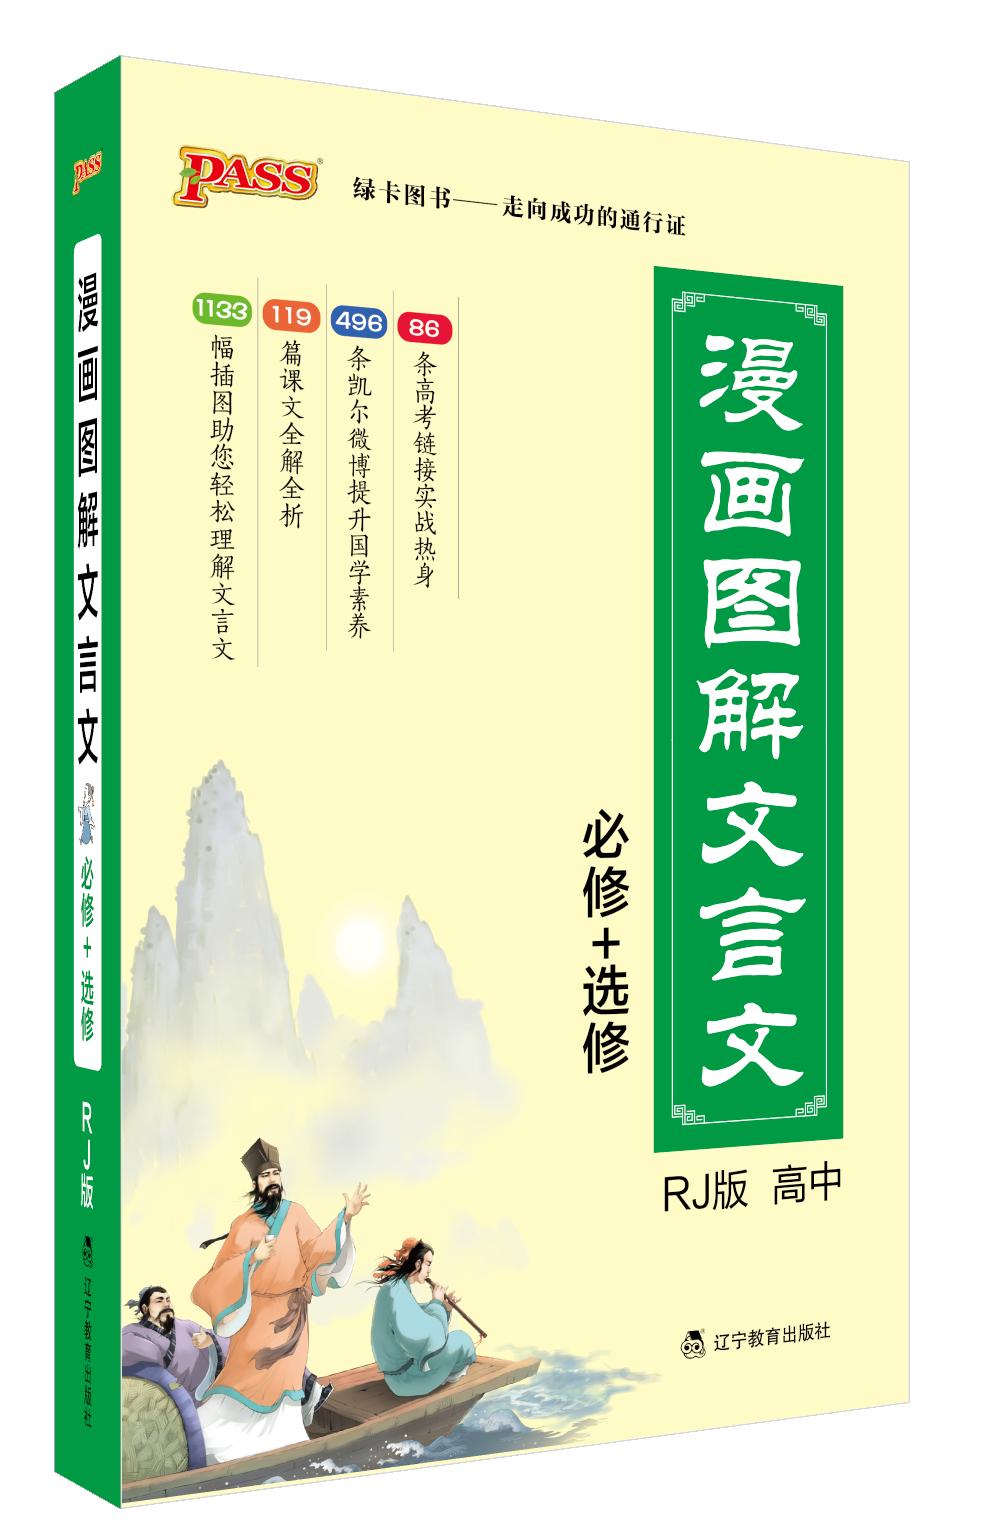 2016版PASS漫画图解文言文高中 必修+选修 RJ版